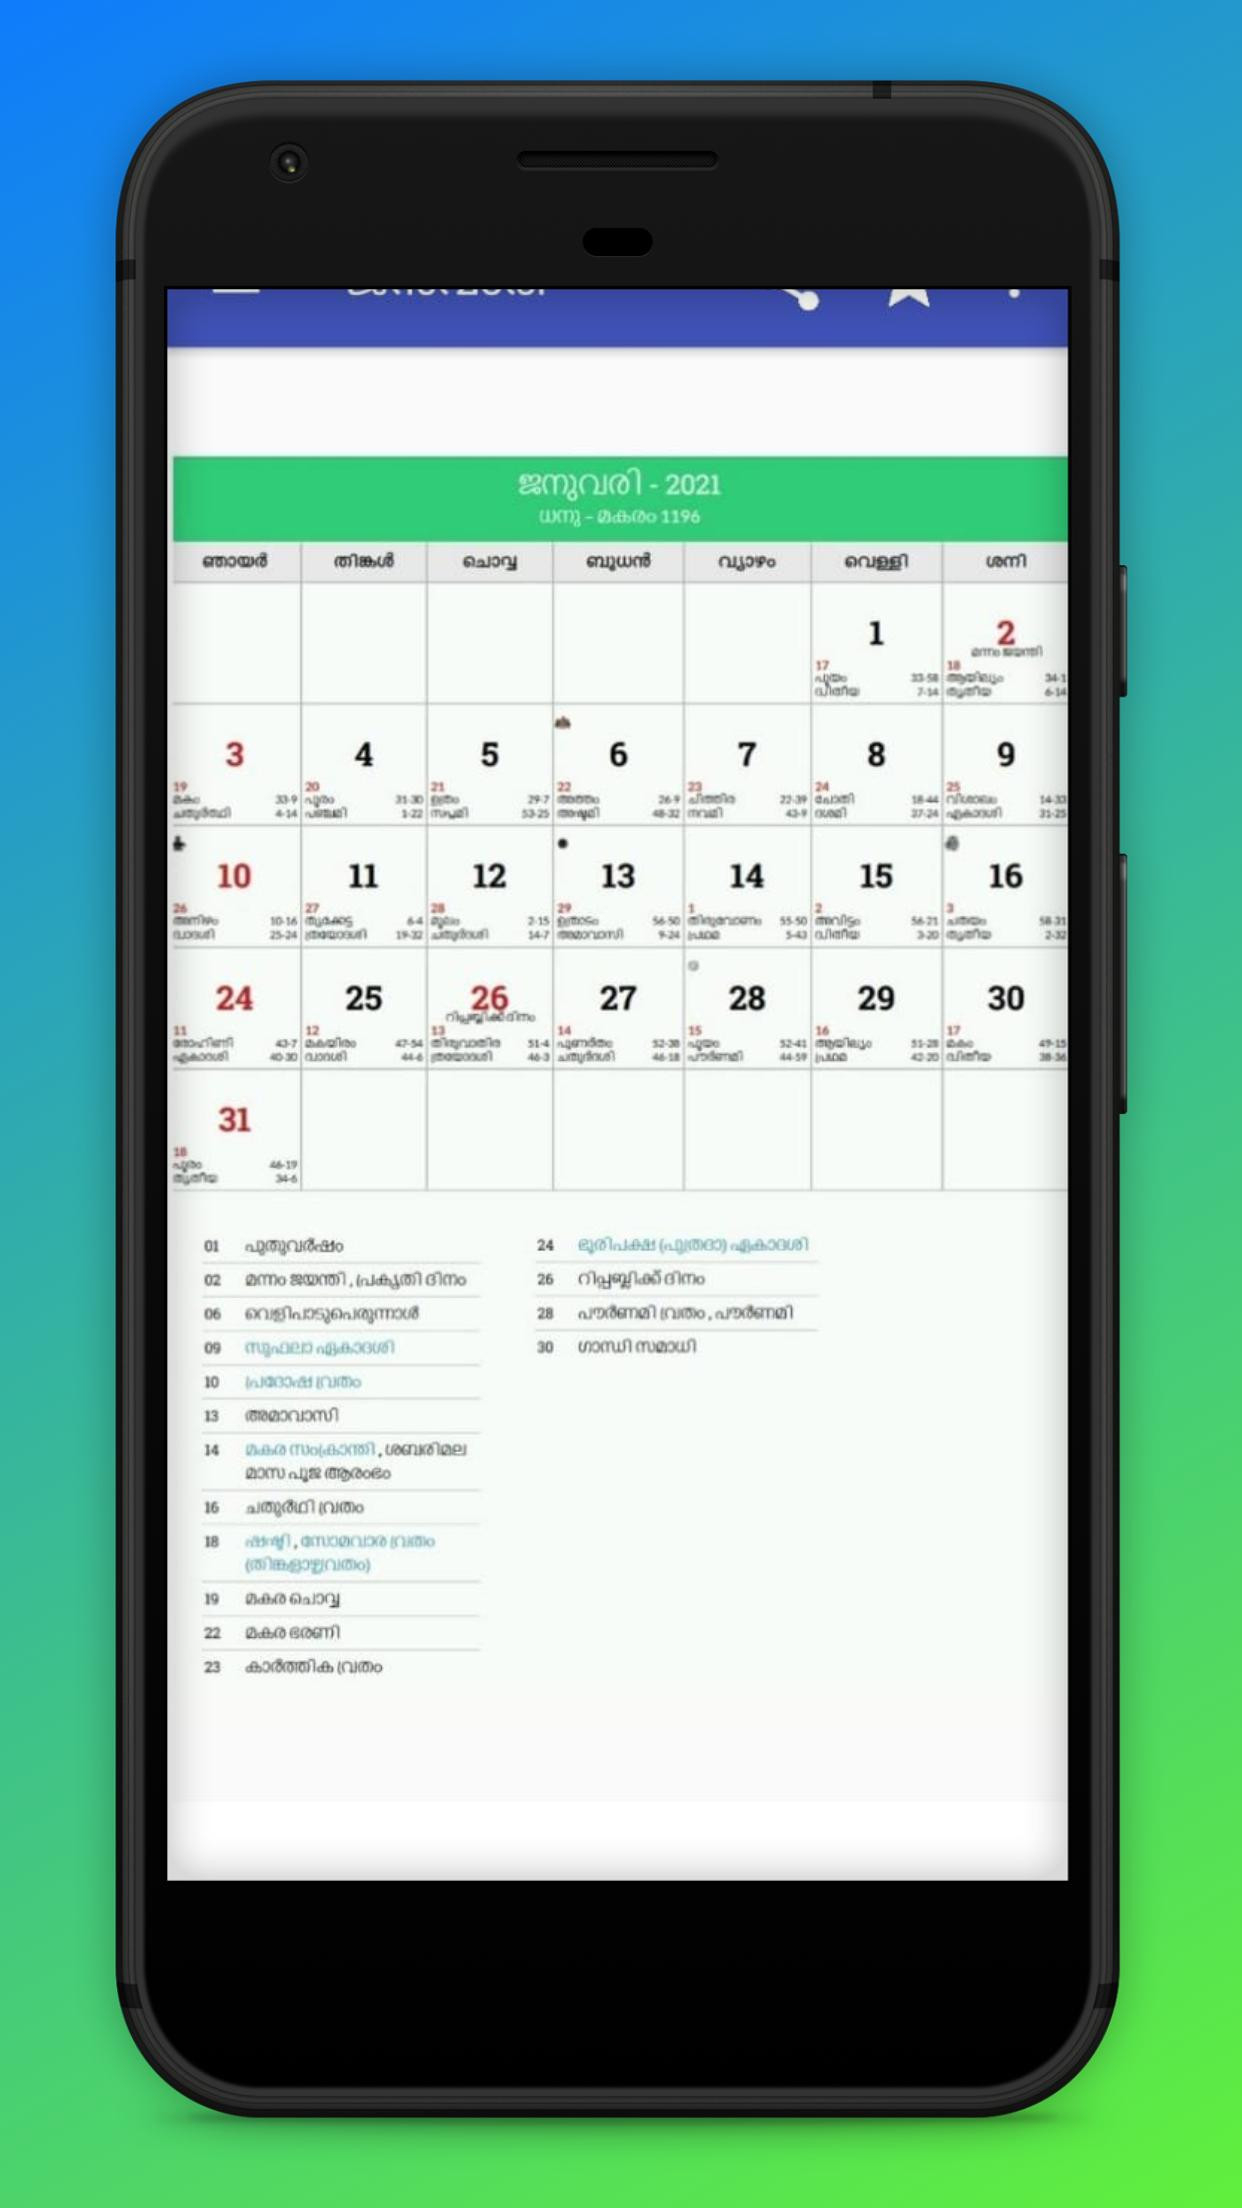 Malayalam Calendar 2021 For Android - Apk Download  Malayalam Calendar 2021